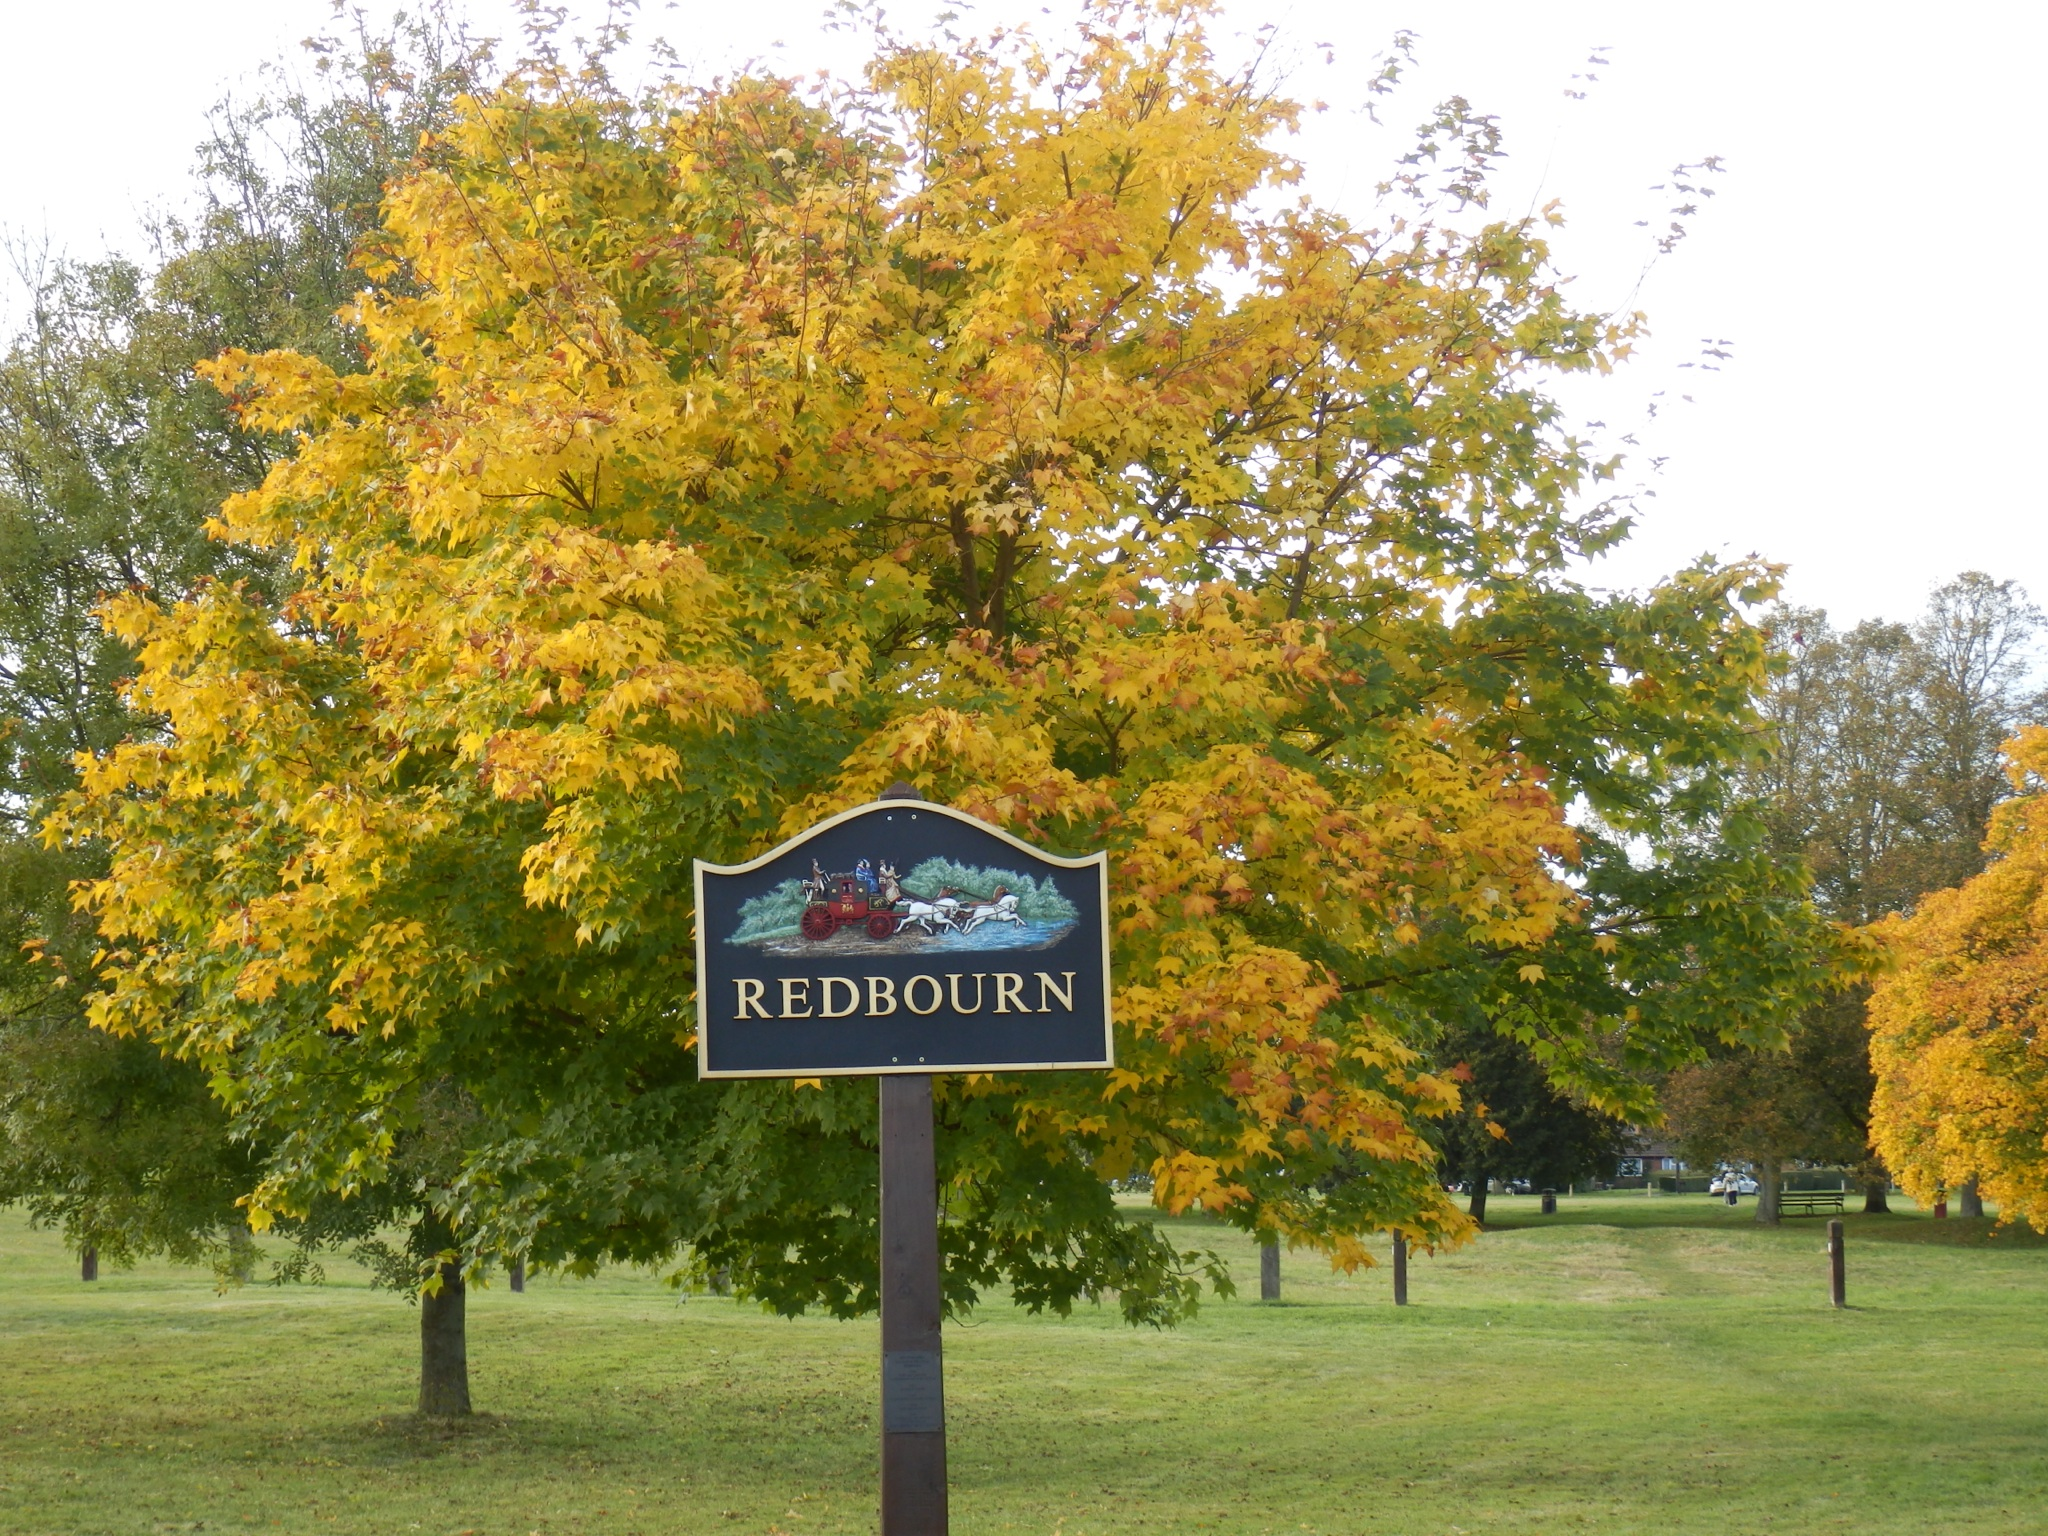 Redbourn